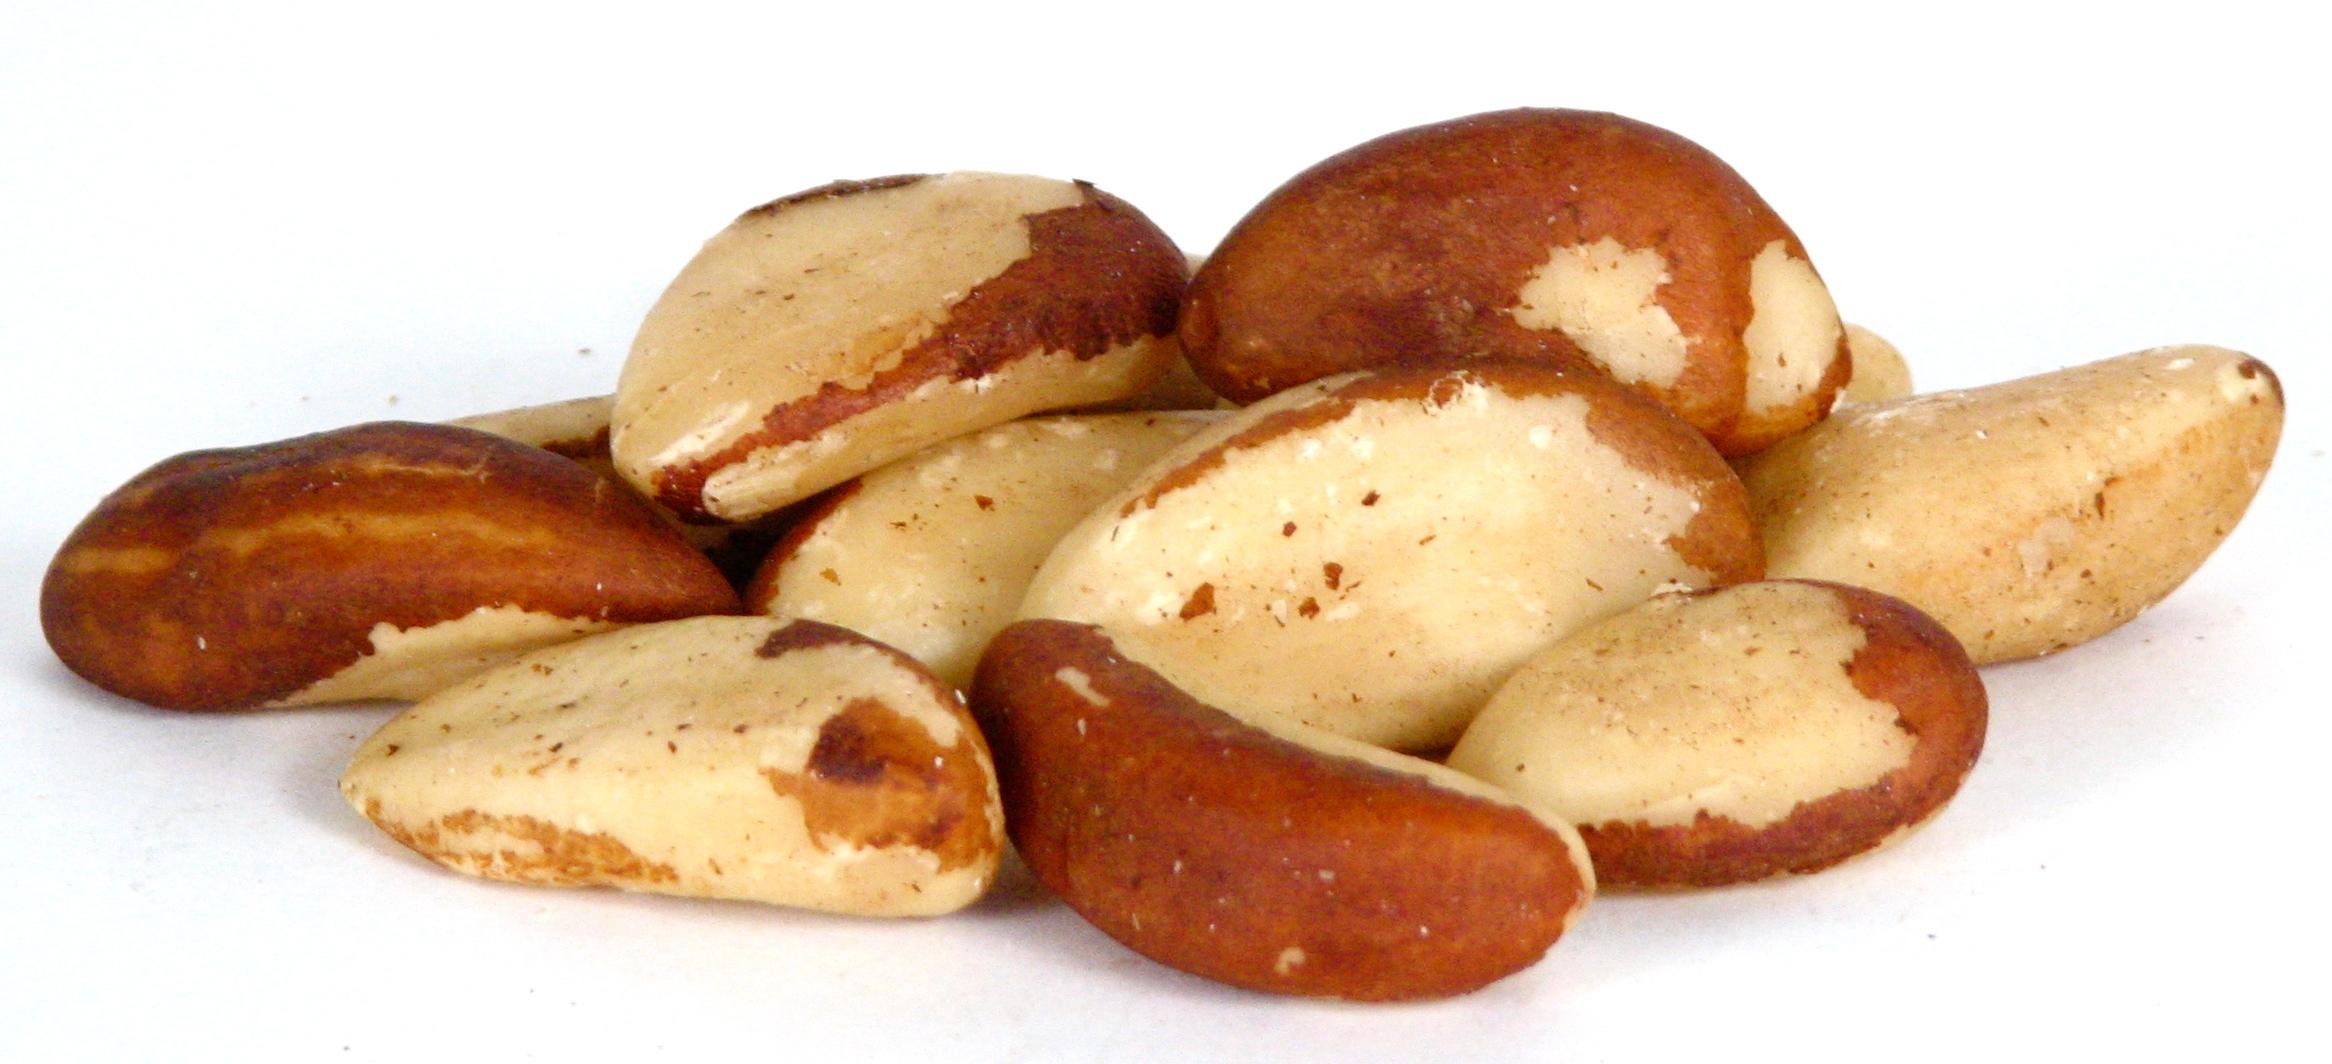 Closeup-Brazil-Nuts